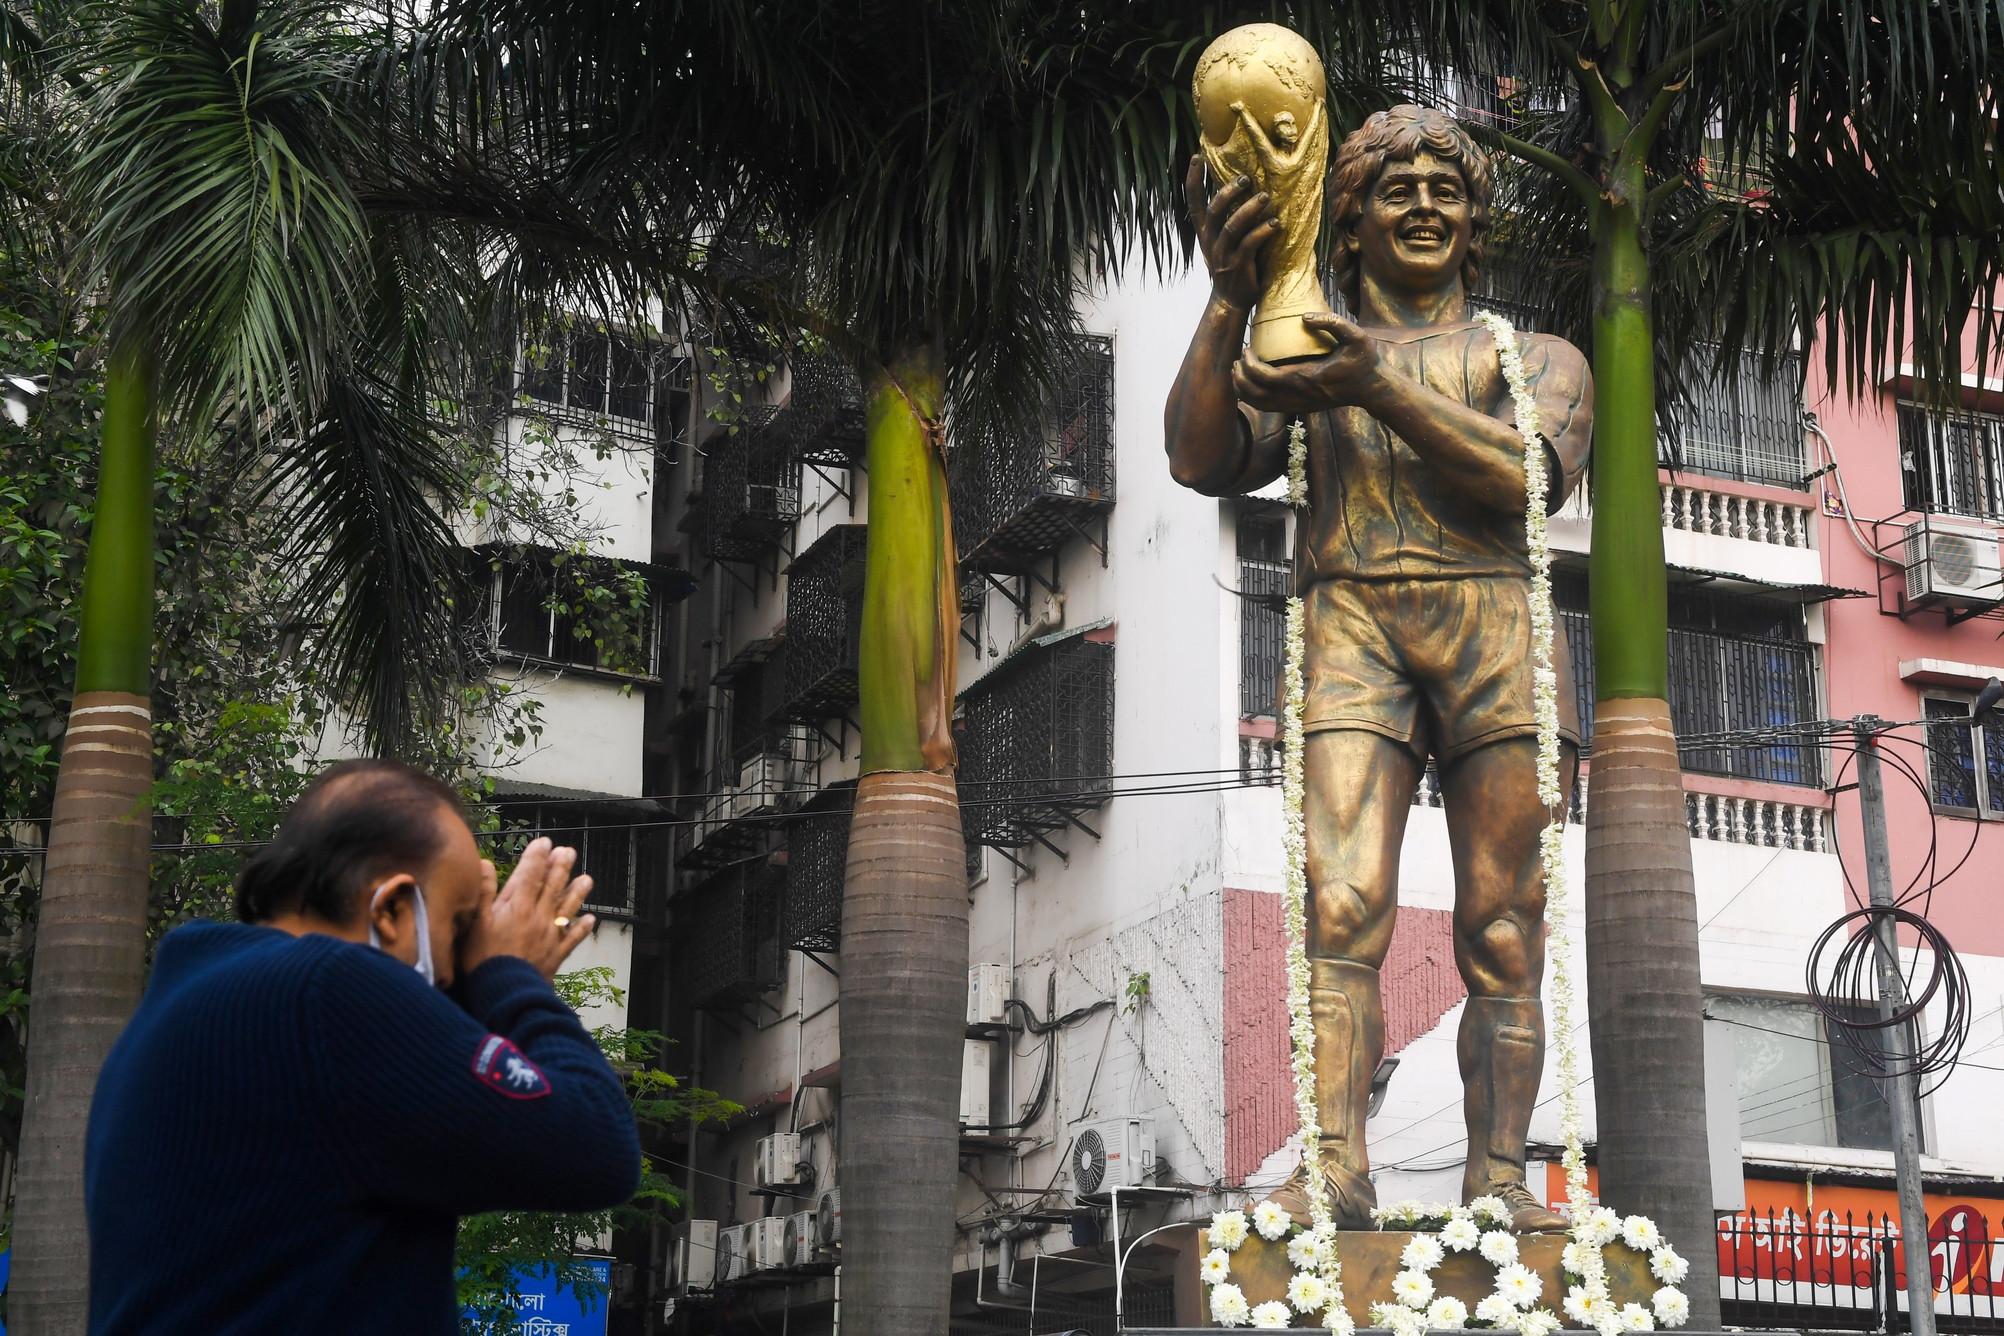 Notte di dolore e ricordo per il popolo argentino, ancora sconvolto dalla morte di Maradona. Migliaia di tifosi sono scesi in strada per ricordare il Pibe de Oro, scandendo cori e preghiere. L&#39;Argentinos Juniors, club dove aveva iniziato la carriera Diego, ha voluto omaggiarlo accendendo le luci e illuminando il cielo con fuochi d&#39;artificio. Nel frattempo venivano stampati&nbsp;i quotidiani, con Maradona&nbsp;in prima pagina.<br /><br />